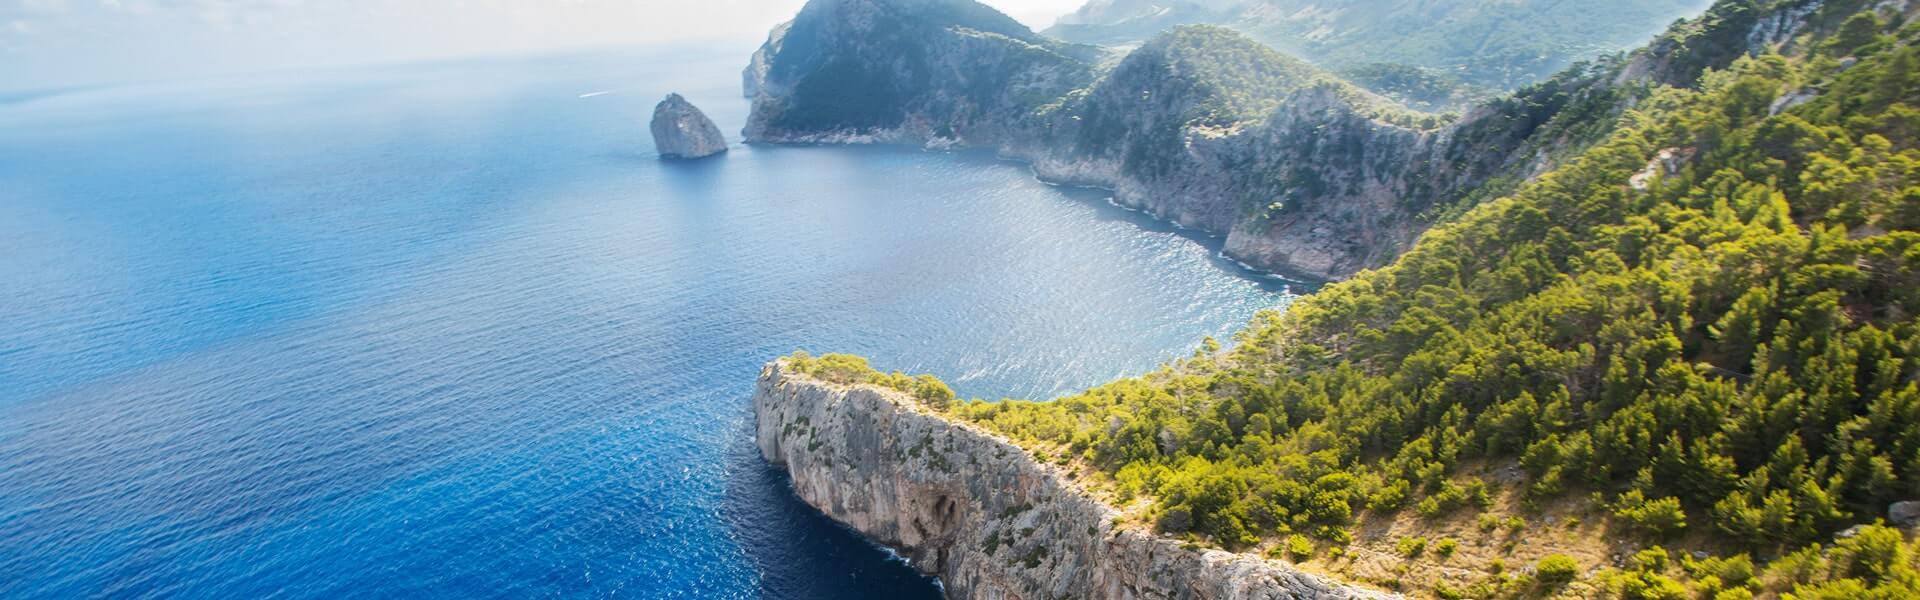 Aussicht auf Mittelmeer vor Mallorca